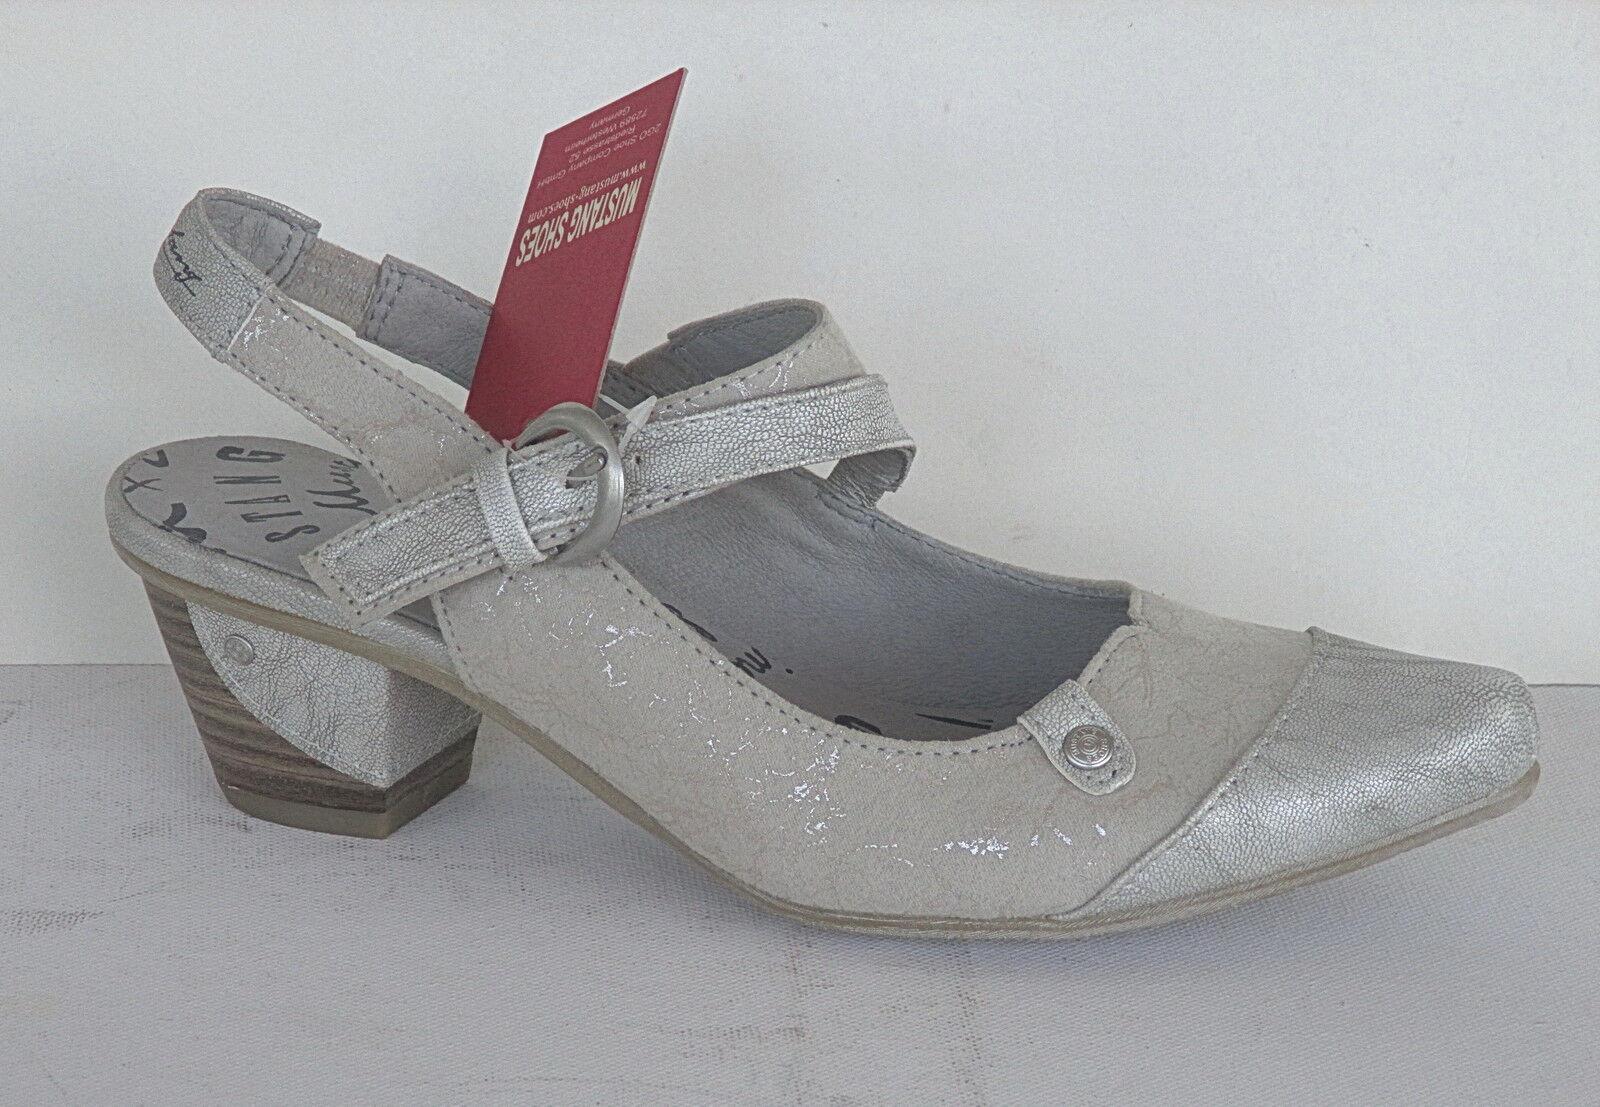 Mustang Damen  Schuhe Damen Mustang Schuhe Pumps  Art. 1227-901-203, Silber+++NEU+++ 922a39